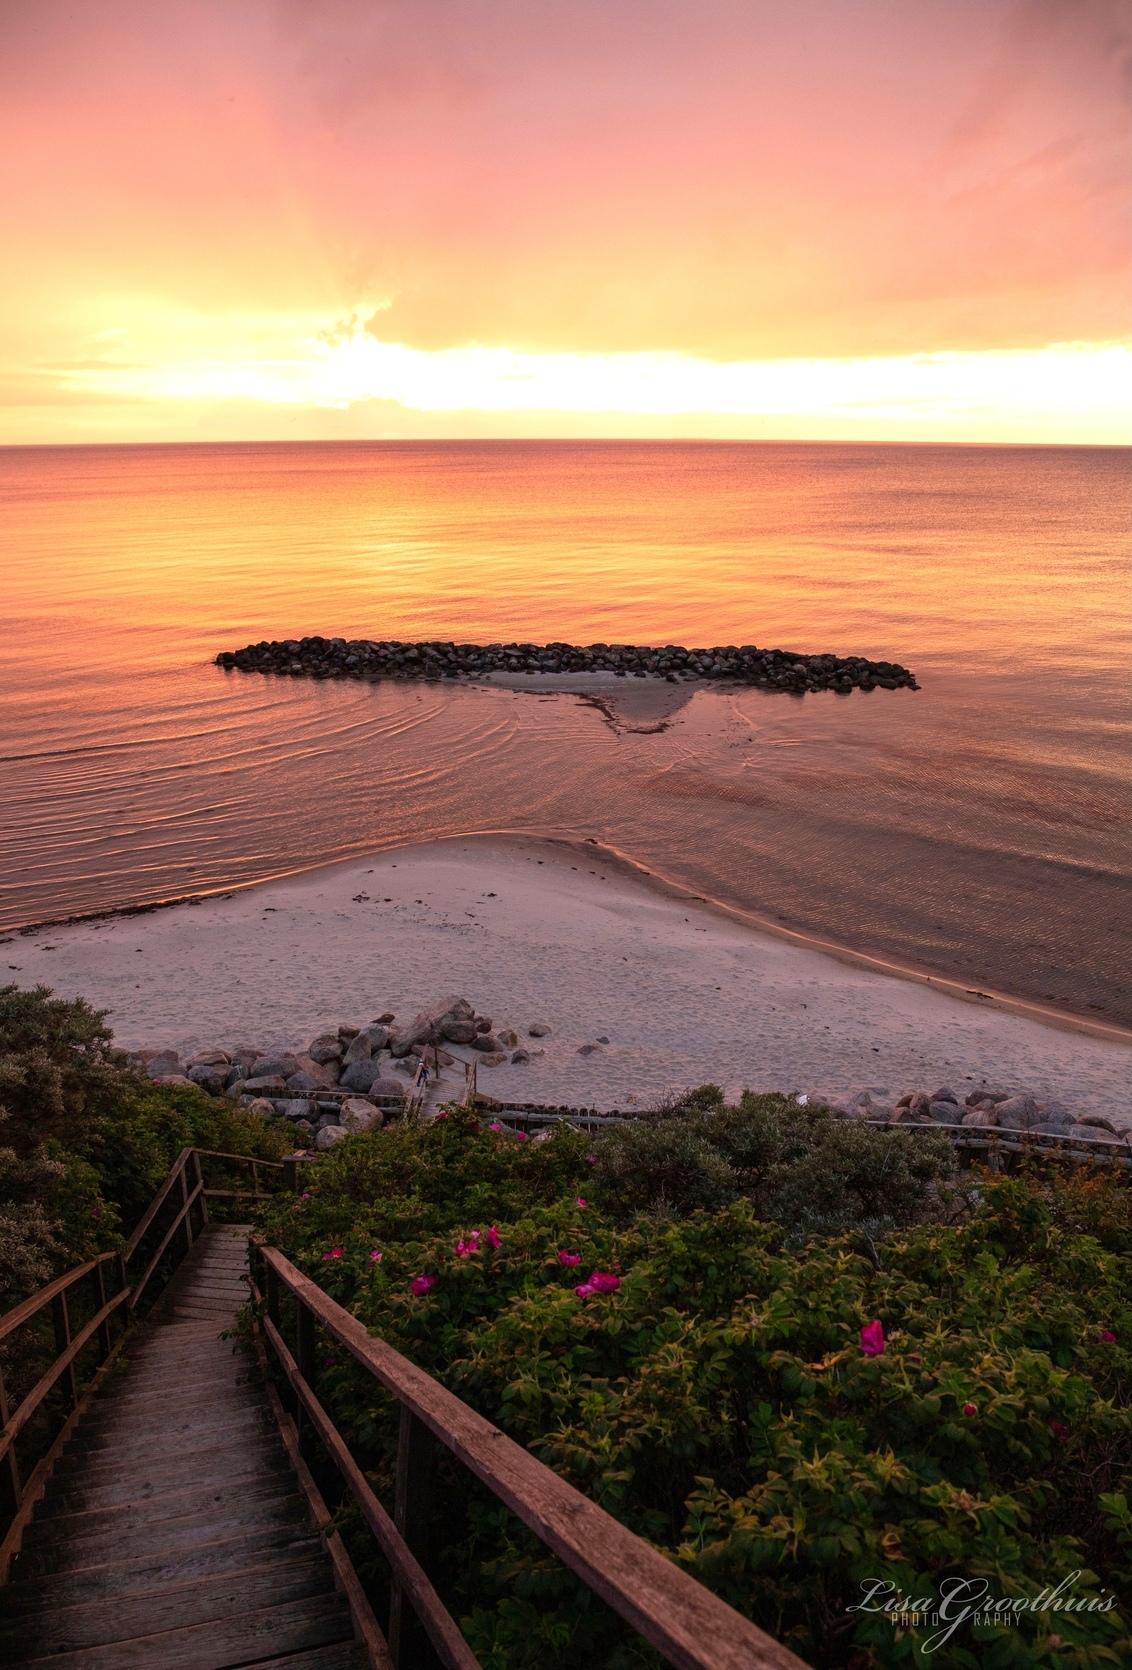 Zonsondergang - - - foto door LGphotography op 02-02-2021 - deze foto bevat: lucht, wolken, trap, zon, zee, natuur, zonsondergang, landschap, zomer, denemarken, reisfotografie, europa